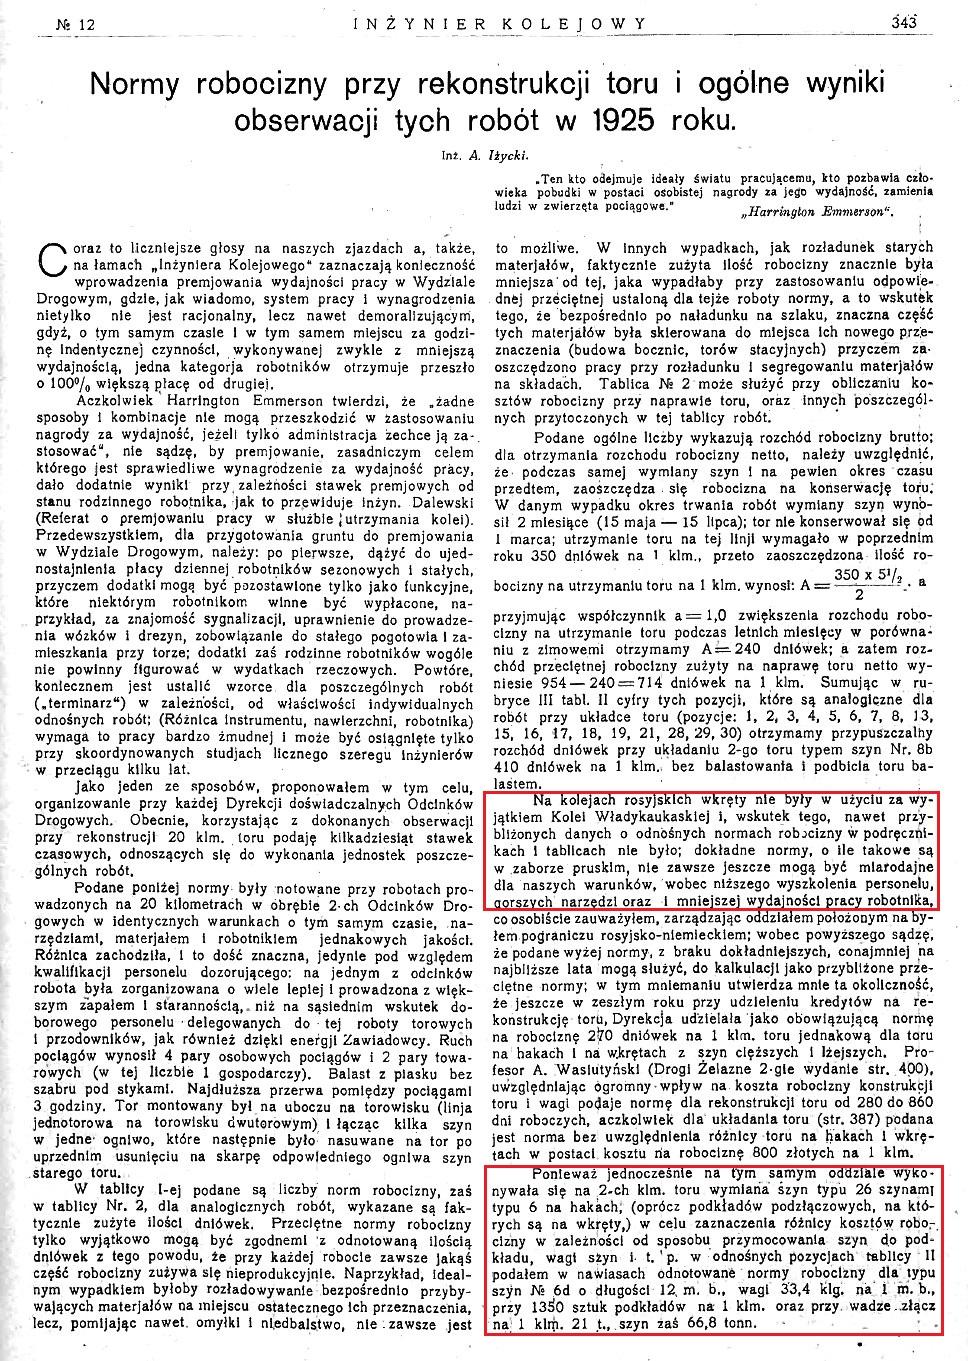 Inż. Kolejowy nr 28 (12-1926) str. 343.jpg